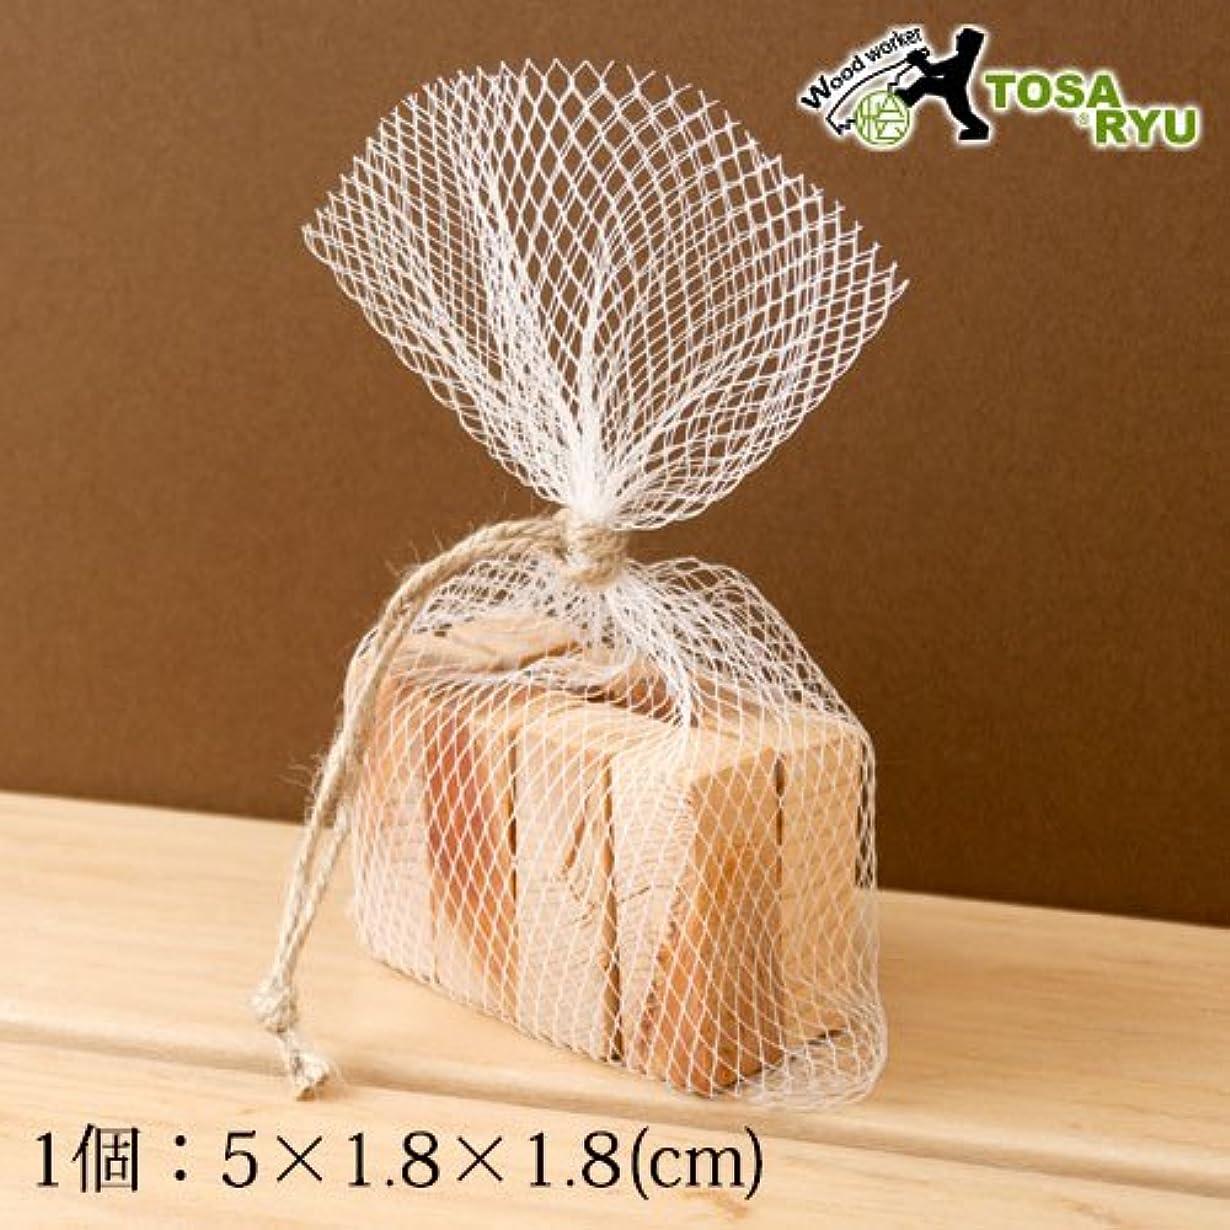 兄スナッチトラクター土佐龍アロマブロックメッシュ袋入り高知県の工芸品Bath additive of cypress, Kochi craft